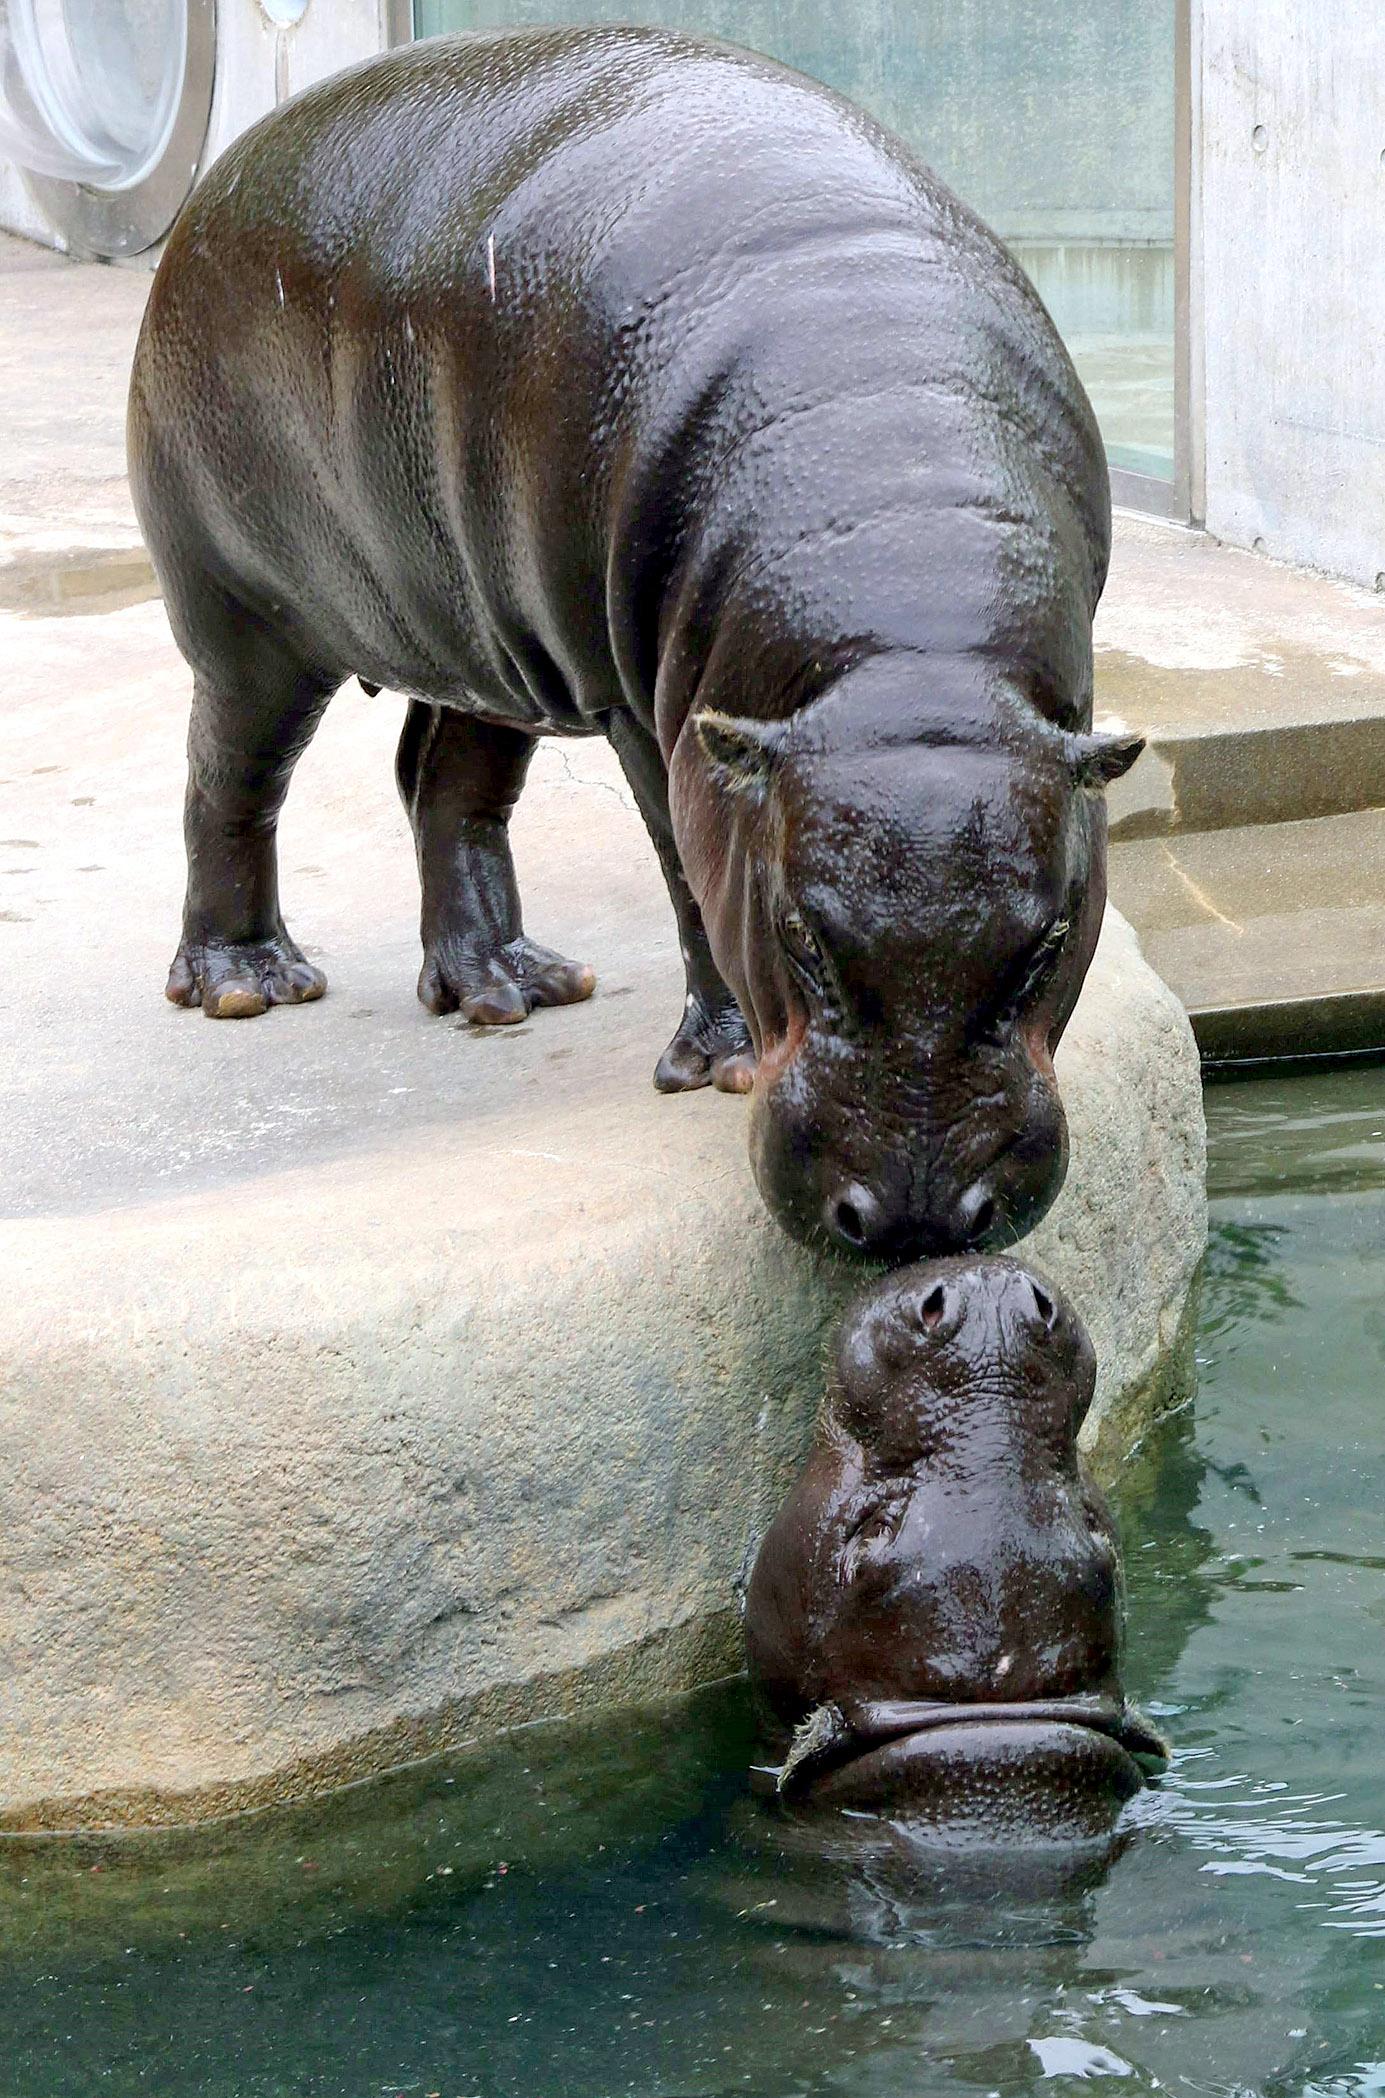 顔を近づけて仲むつまじい様子をみせるコビトカバのヒカル(上)とノゾミ=能美市のいしかわ動物園